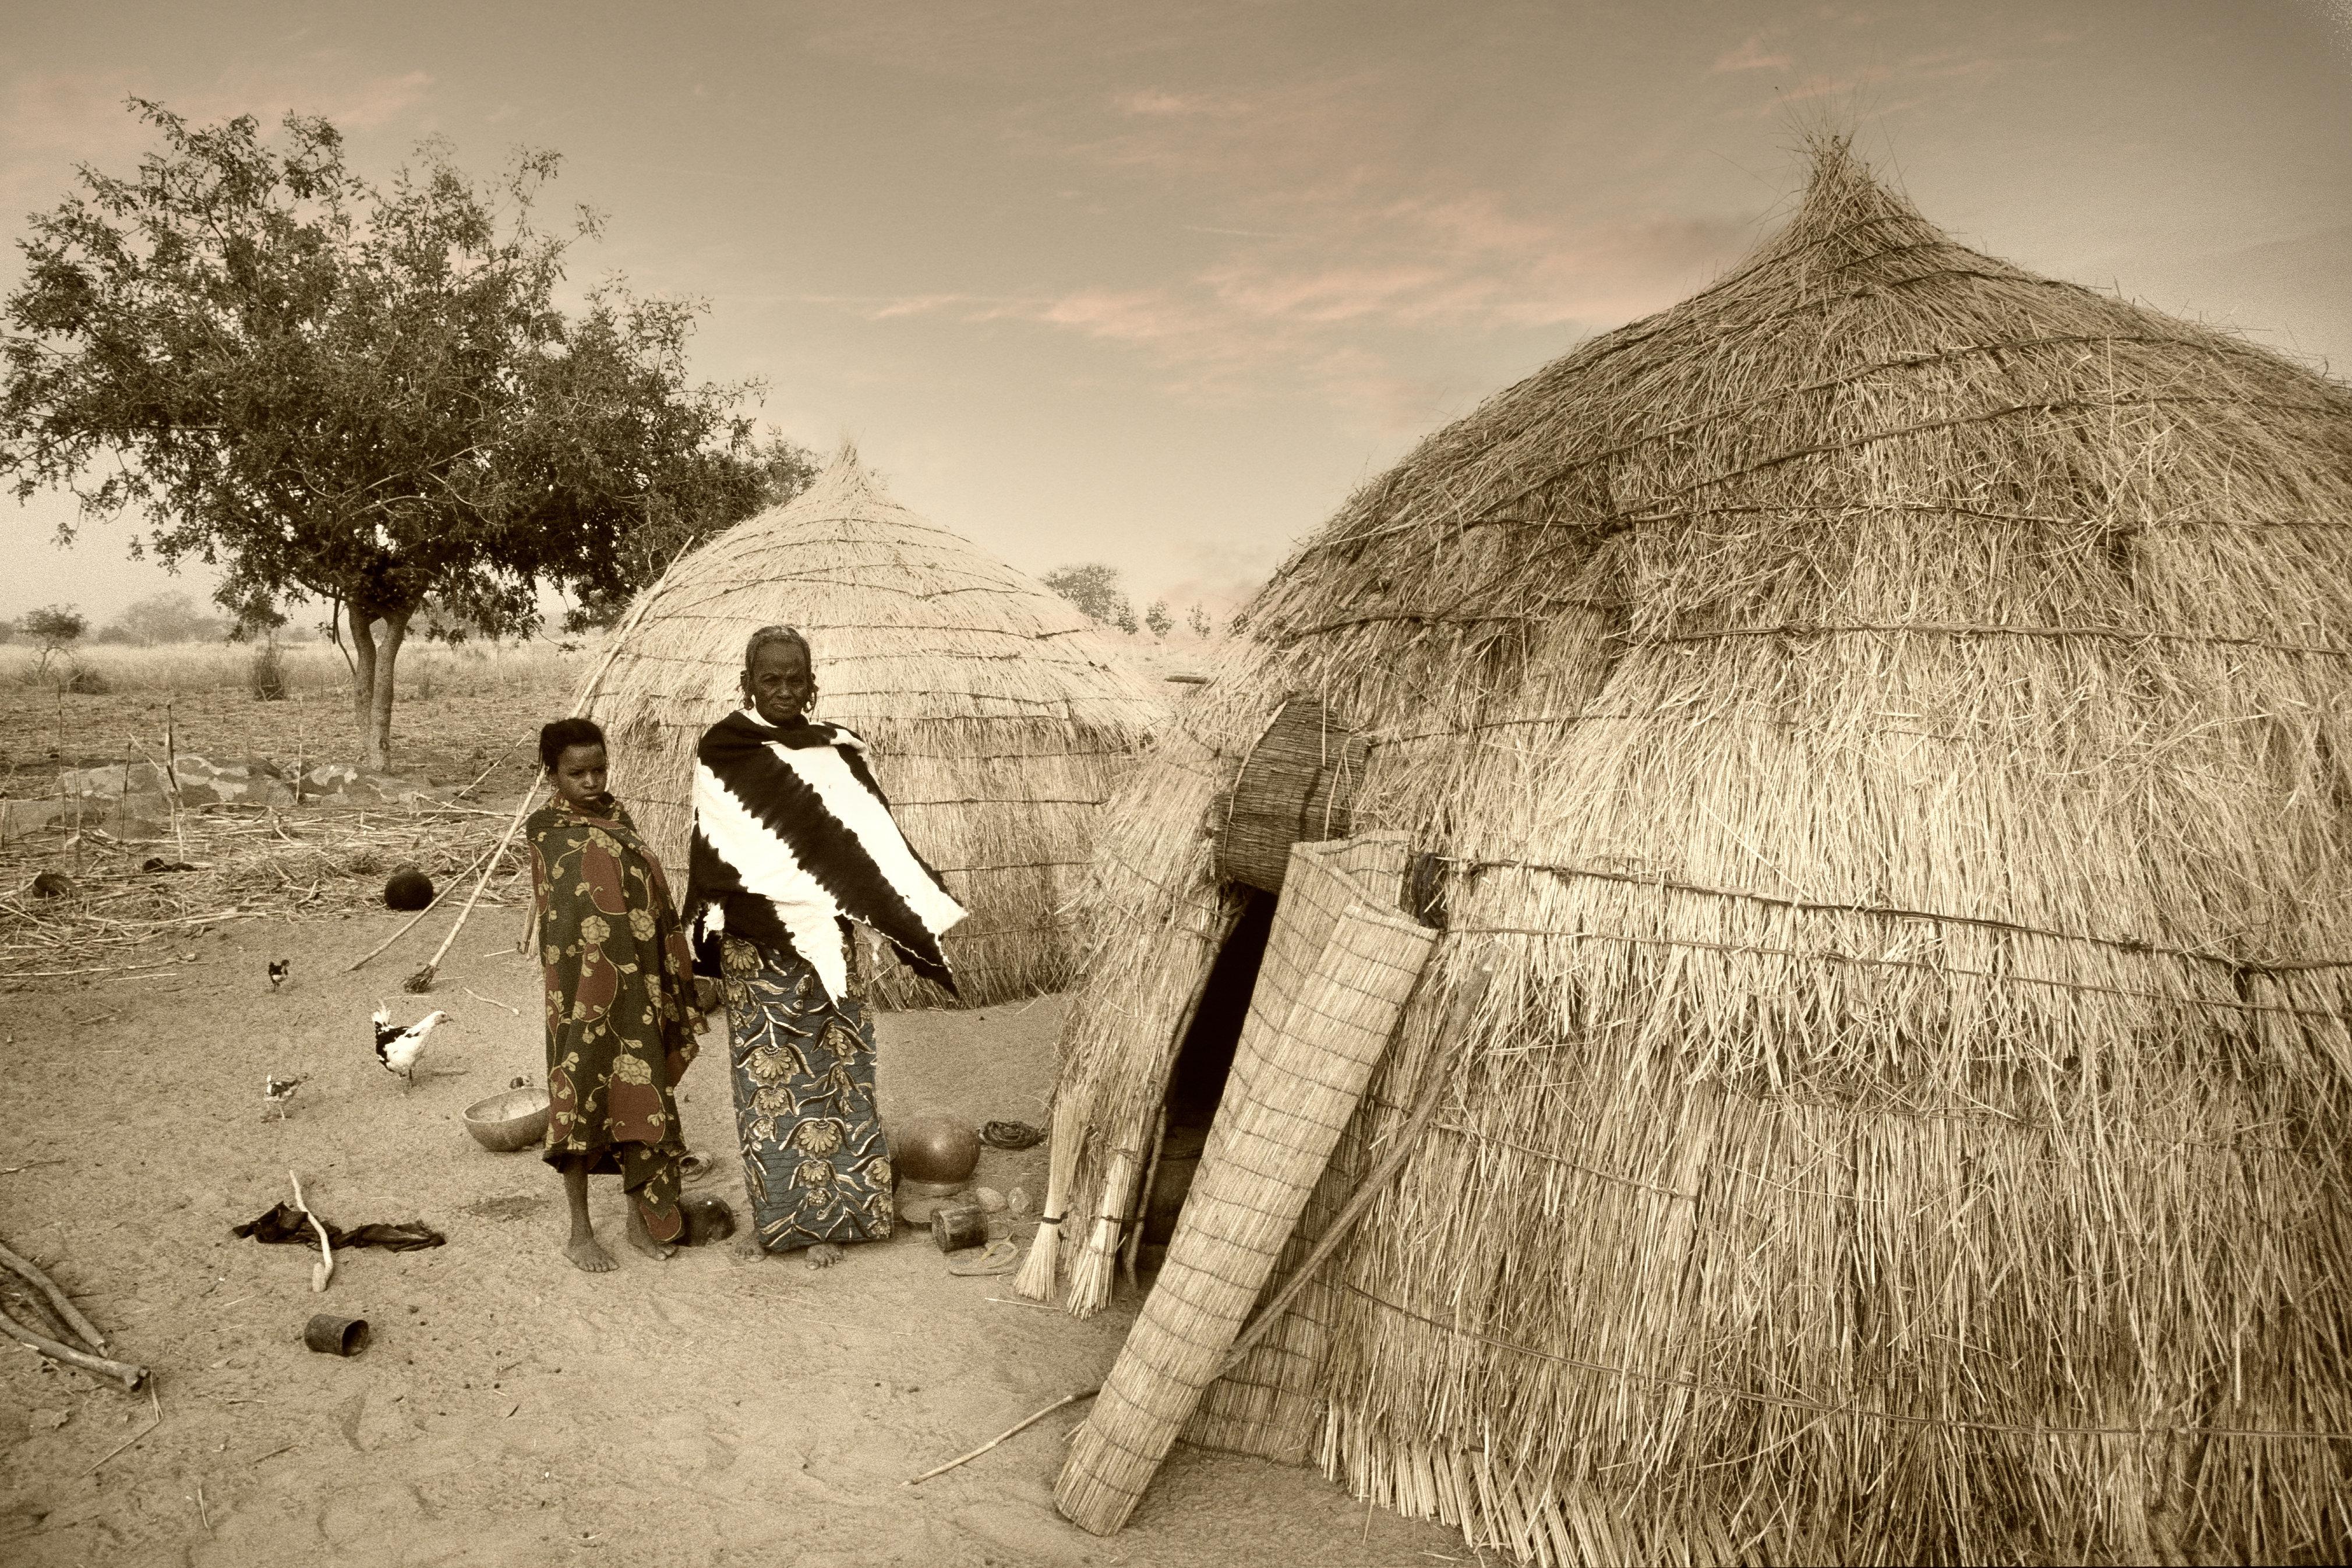 Une attaque dans un village peul au Mali fait 37